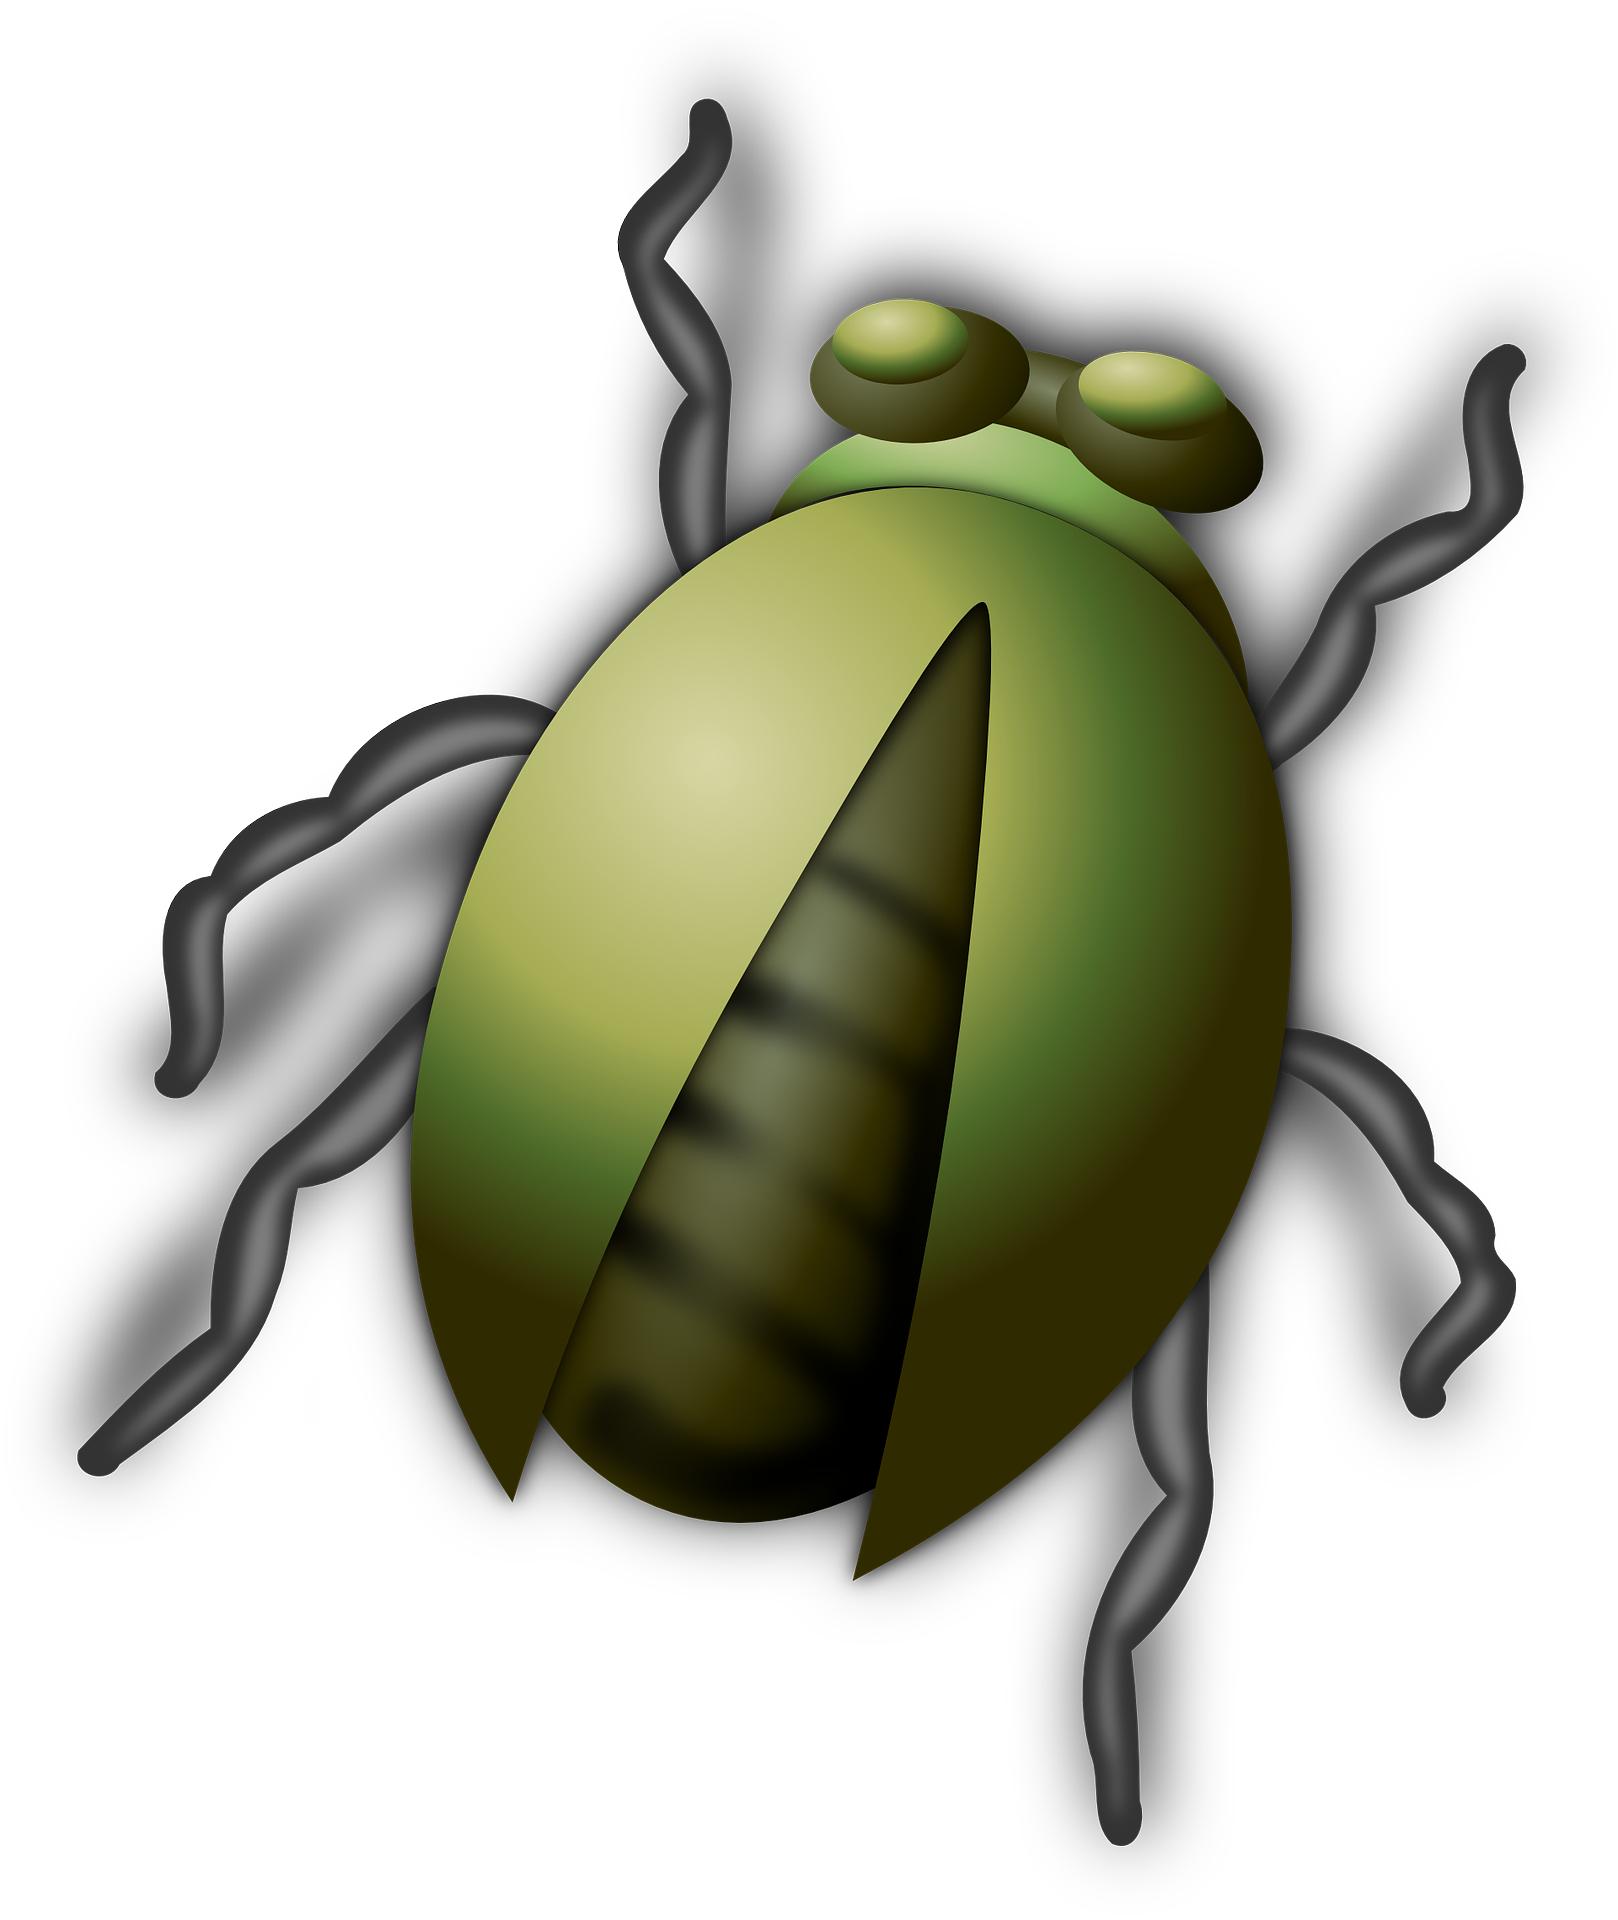 Green cartoon animal,beetle,bug,insect vector